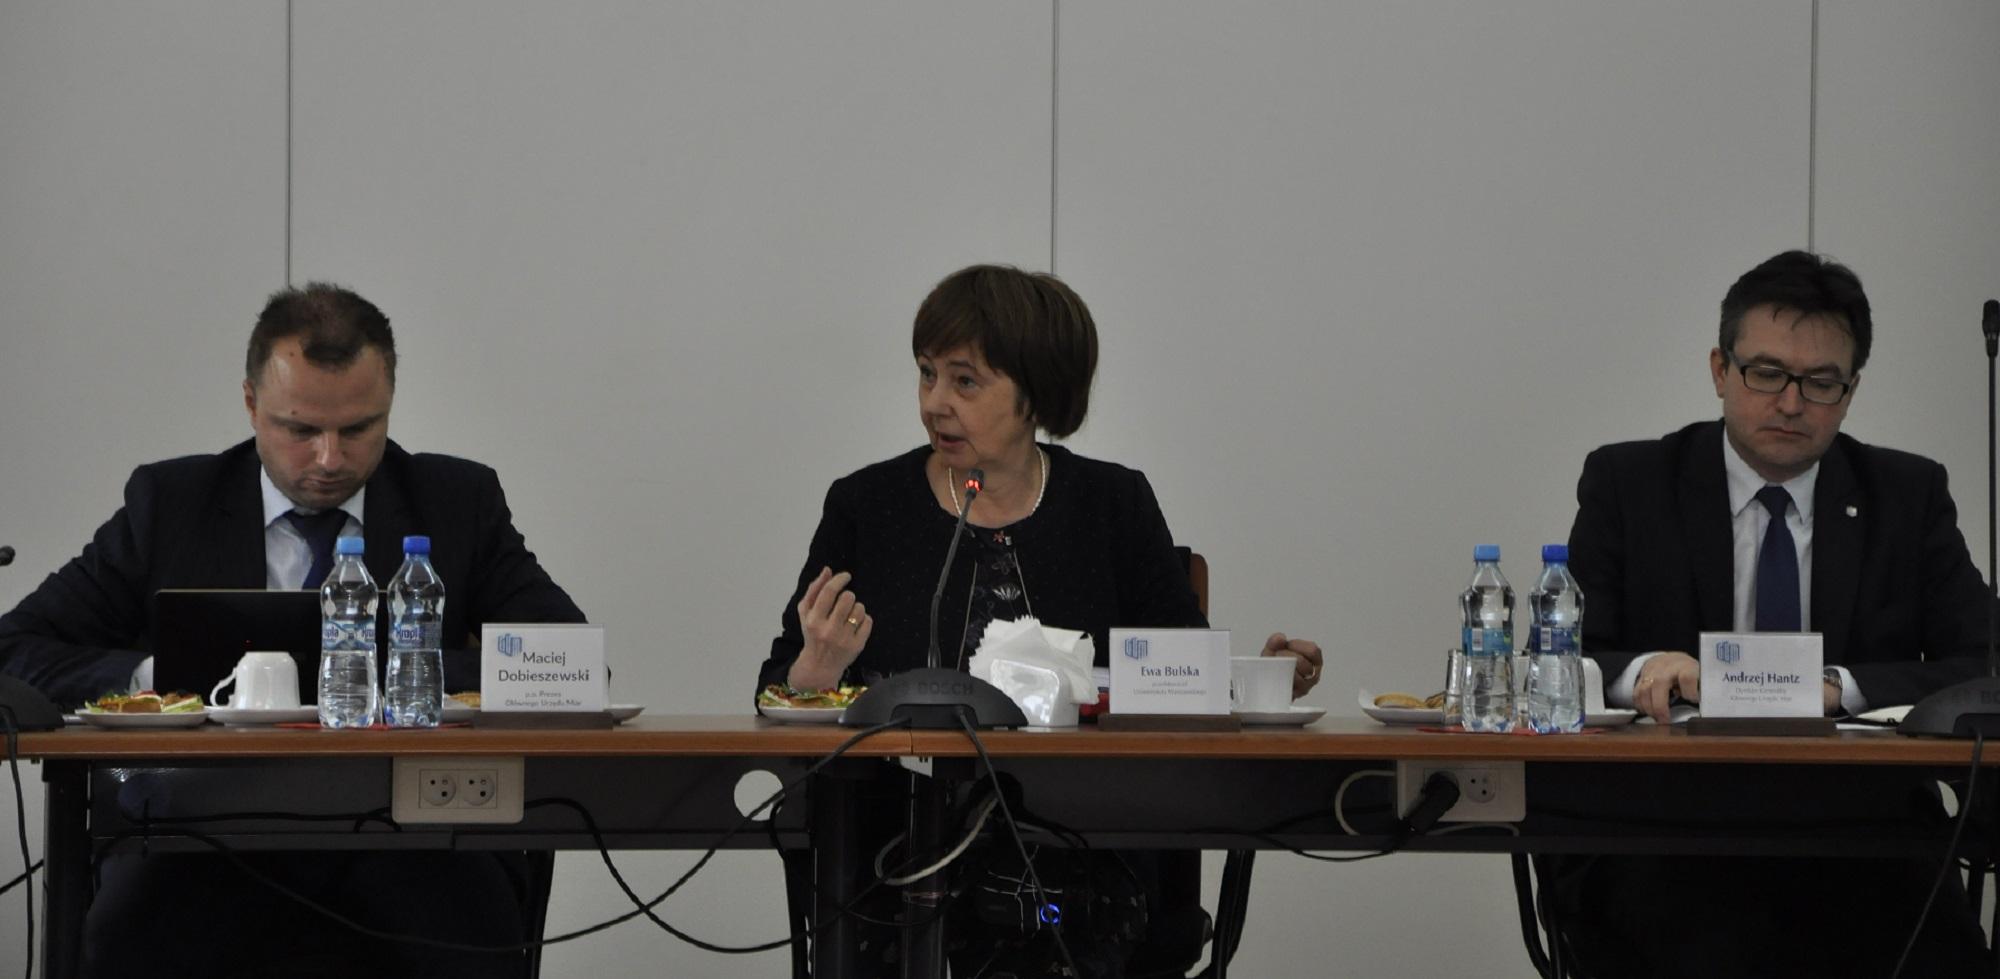 Na zdjęciu od lewej: p.o. Prezesa GUM Maciej Dobieszewski, Przewodnicząca Rady Metrologii prof. Ewa Bulska, Dyrektor Generalny Urzędu Andrzej Hantz